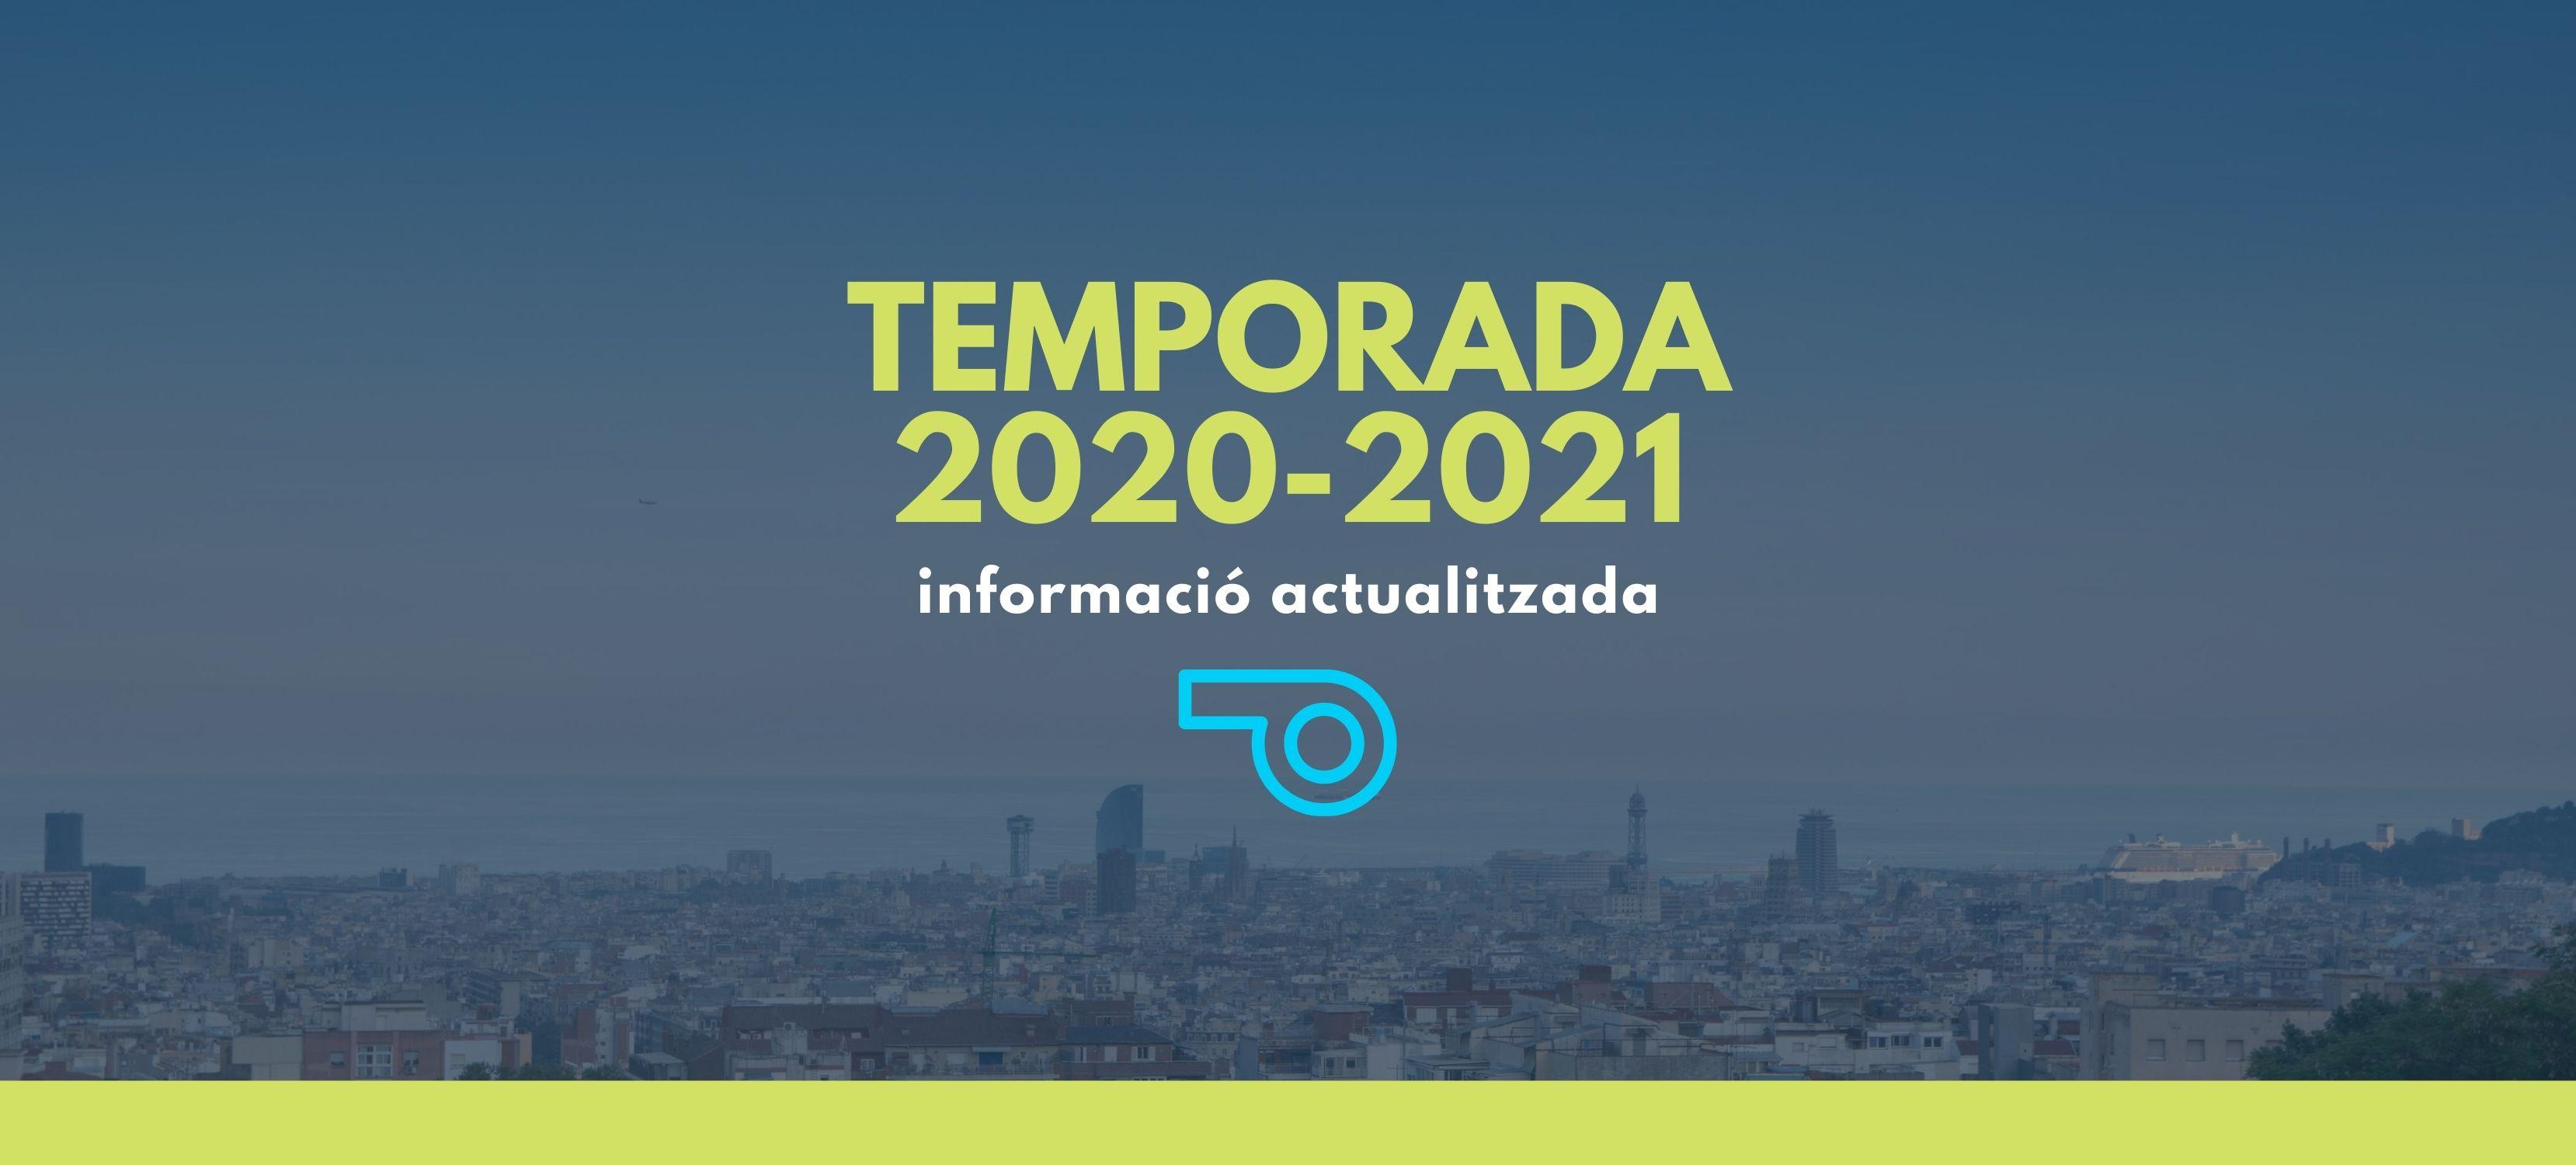 Temporada 2020-2021